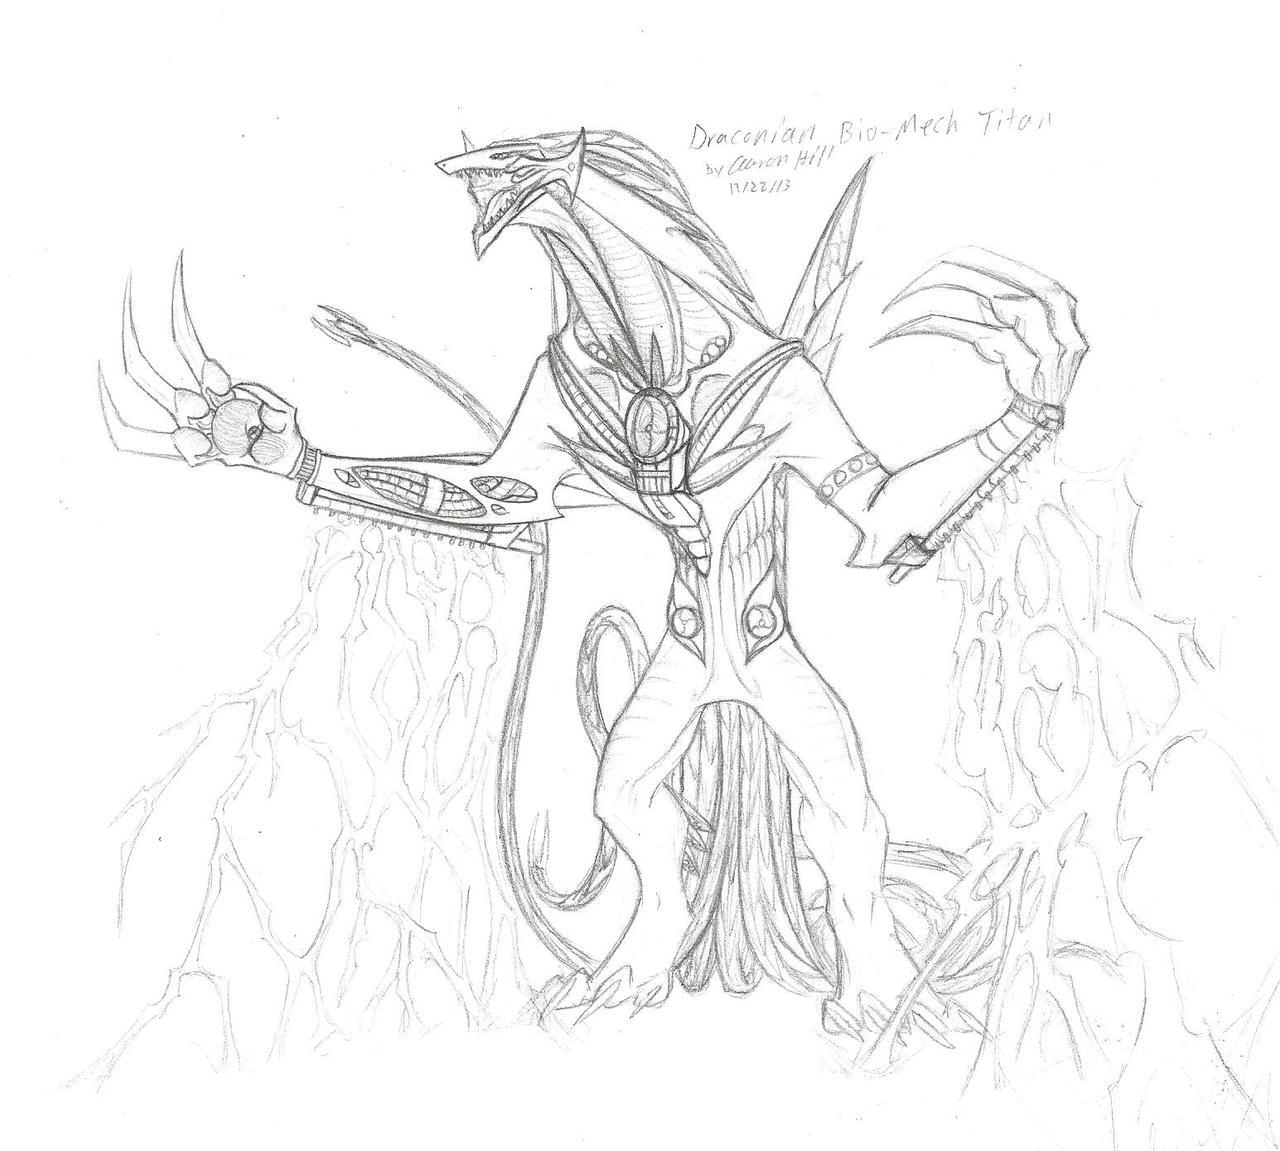 Draconian Bio-mech Titan by LordNagaetros